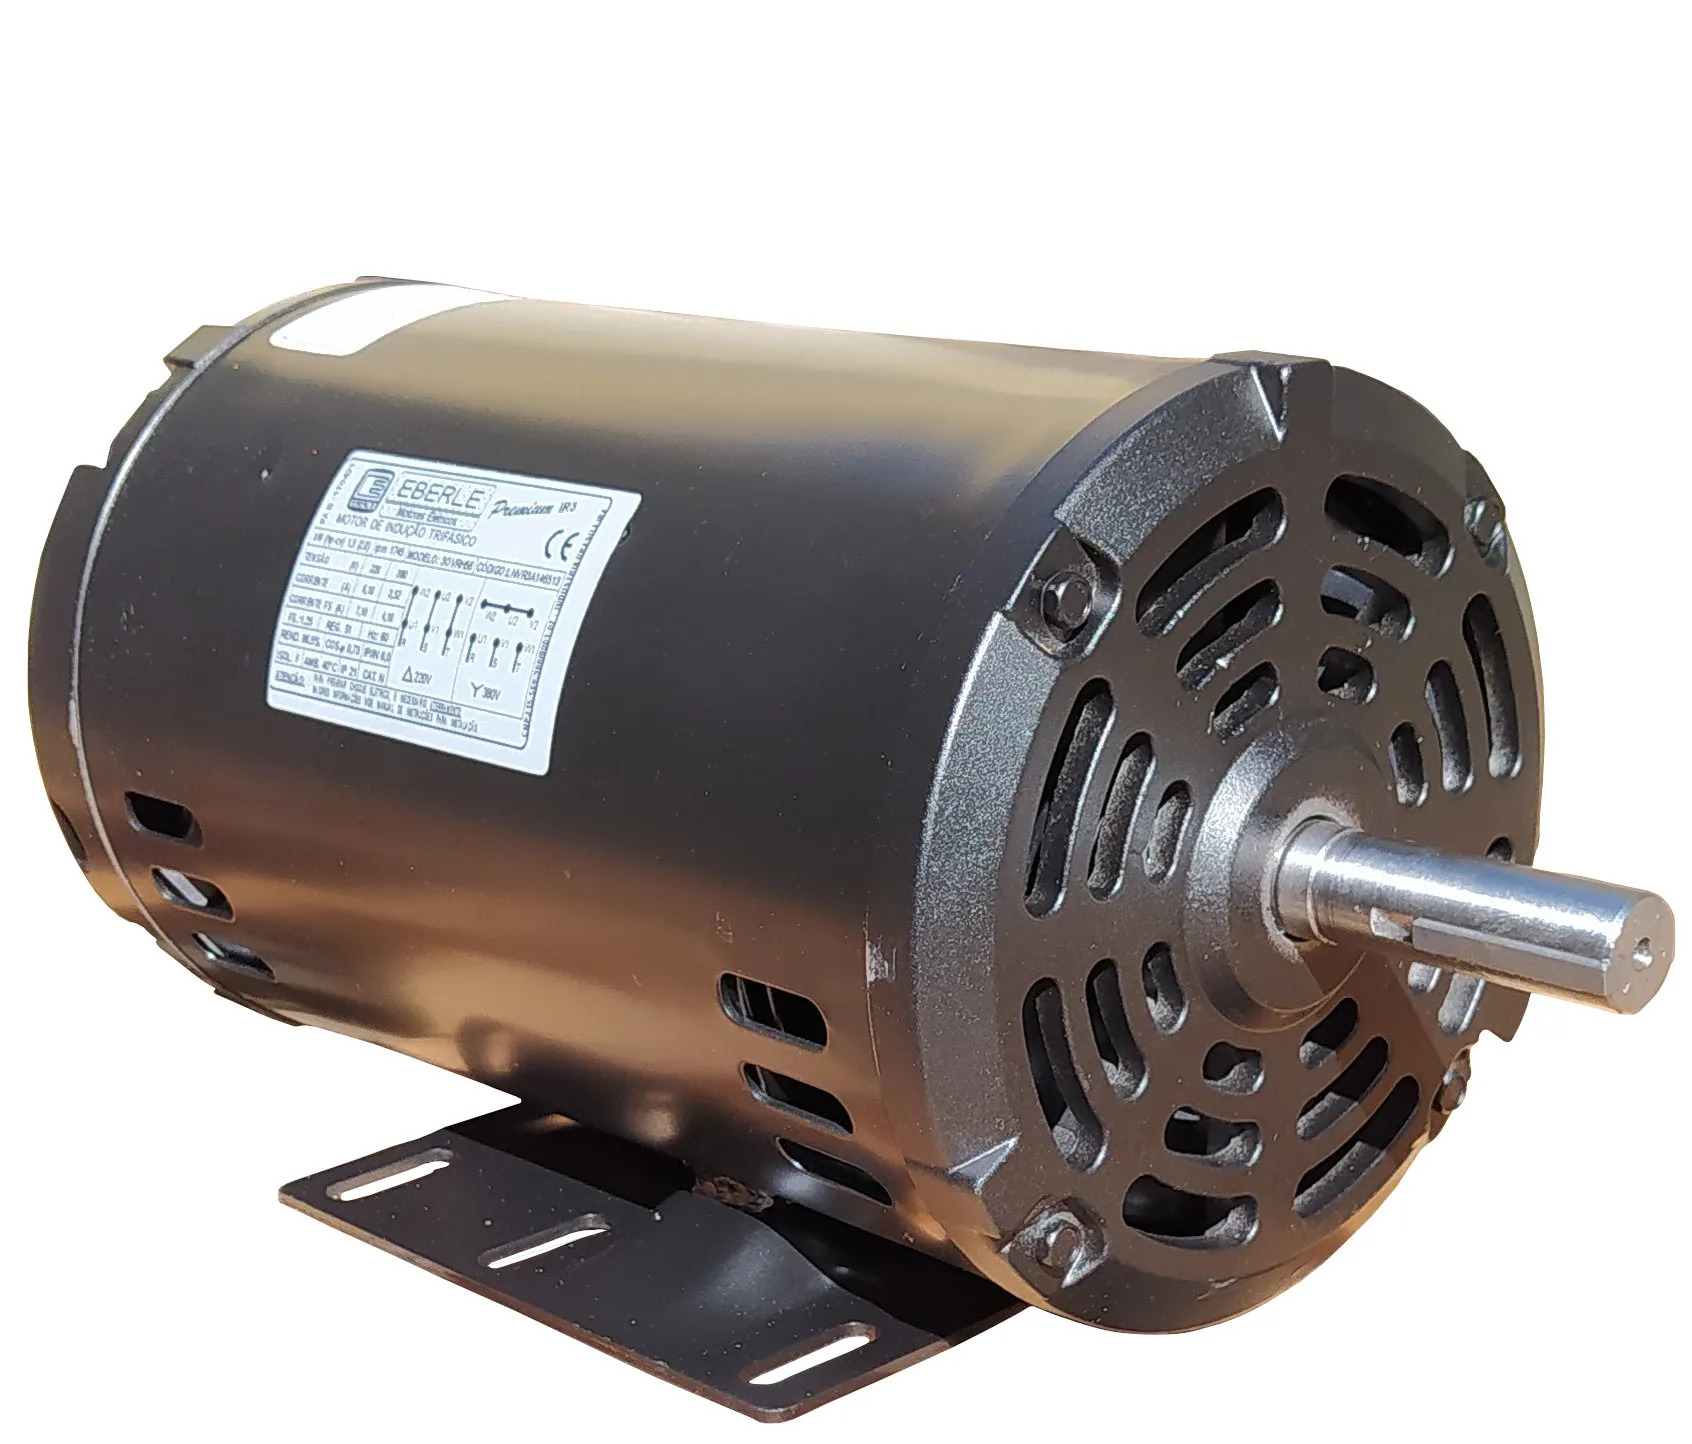 Motor Elétrico 5cv 2polos Trifásico Aberto IP21 Alta Rotação 220/380v Eberle Mercosul N56